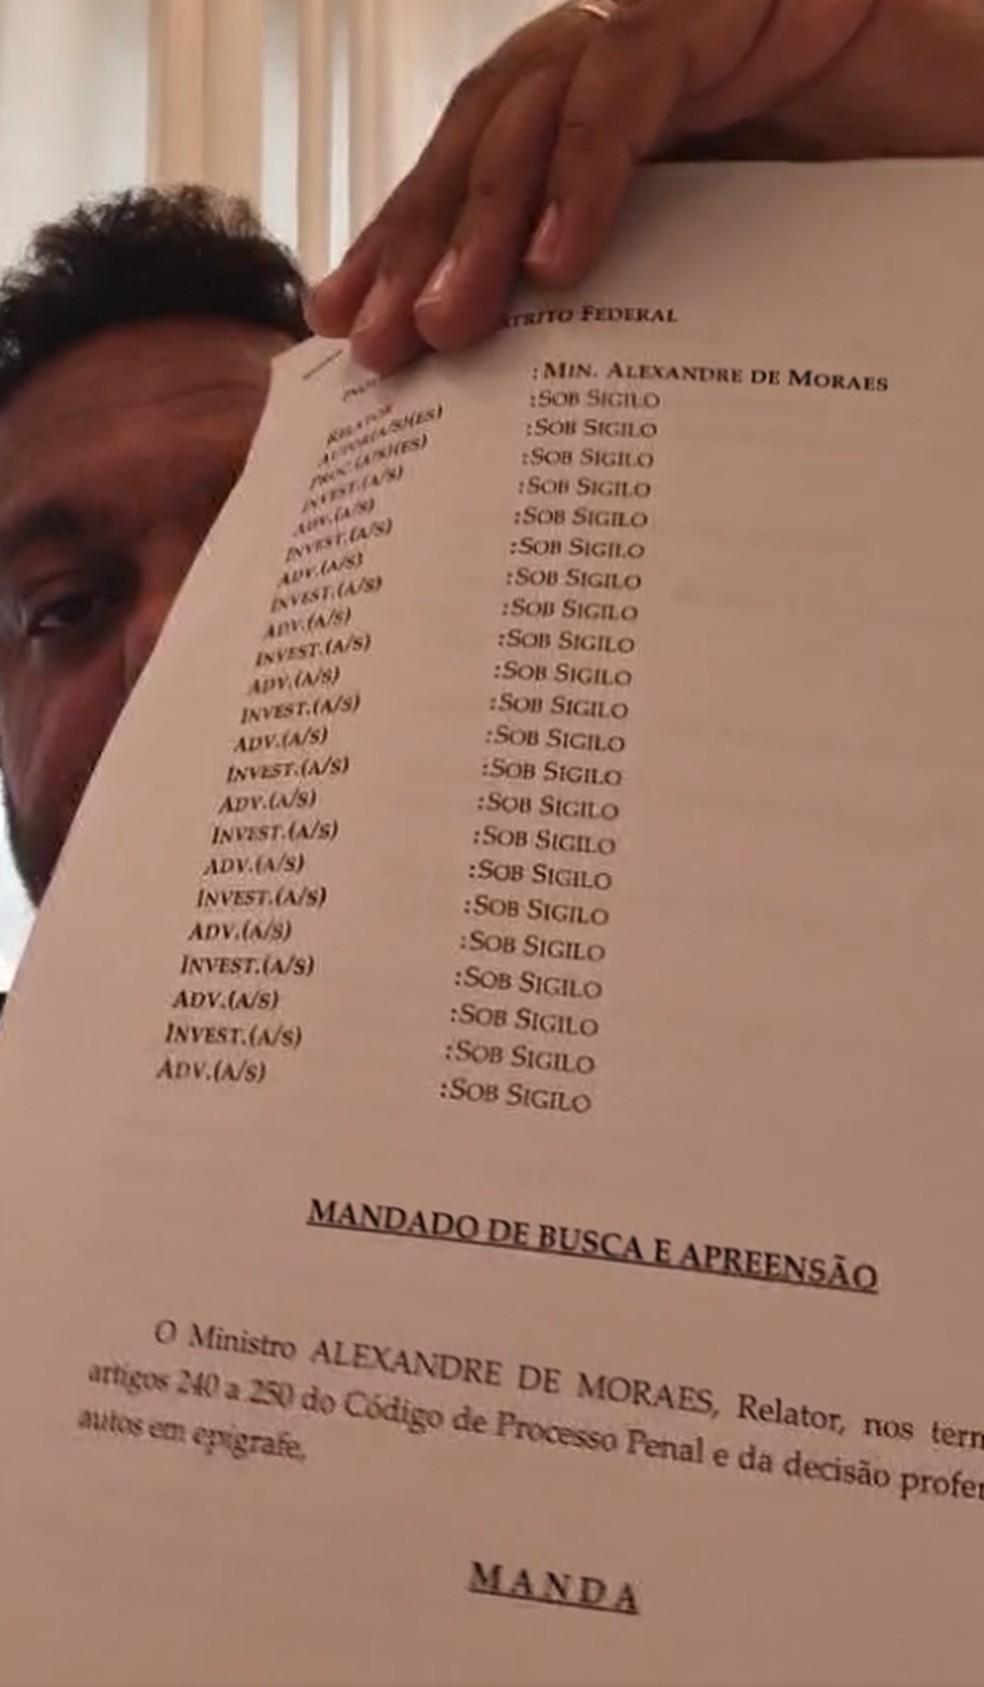 Mandado da PF contra deputado federal Otoni de Paula (PSC-RJ) — Foto: Reprodução Facebook/OtoniDeputadoFederal